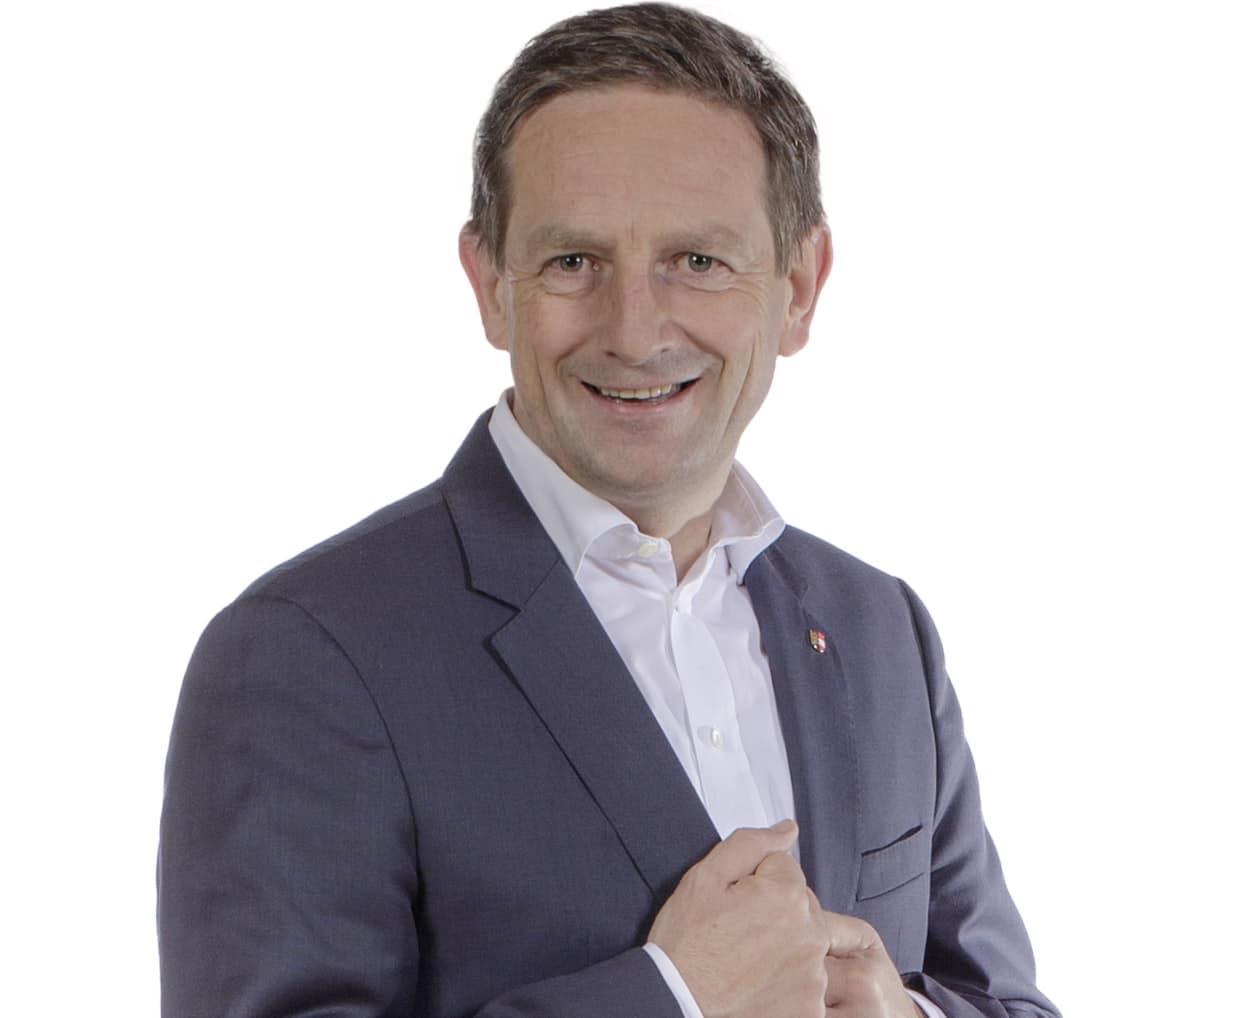 Kärntner ÖVP-Chef Benger zurückgetreten